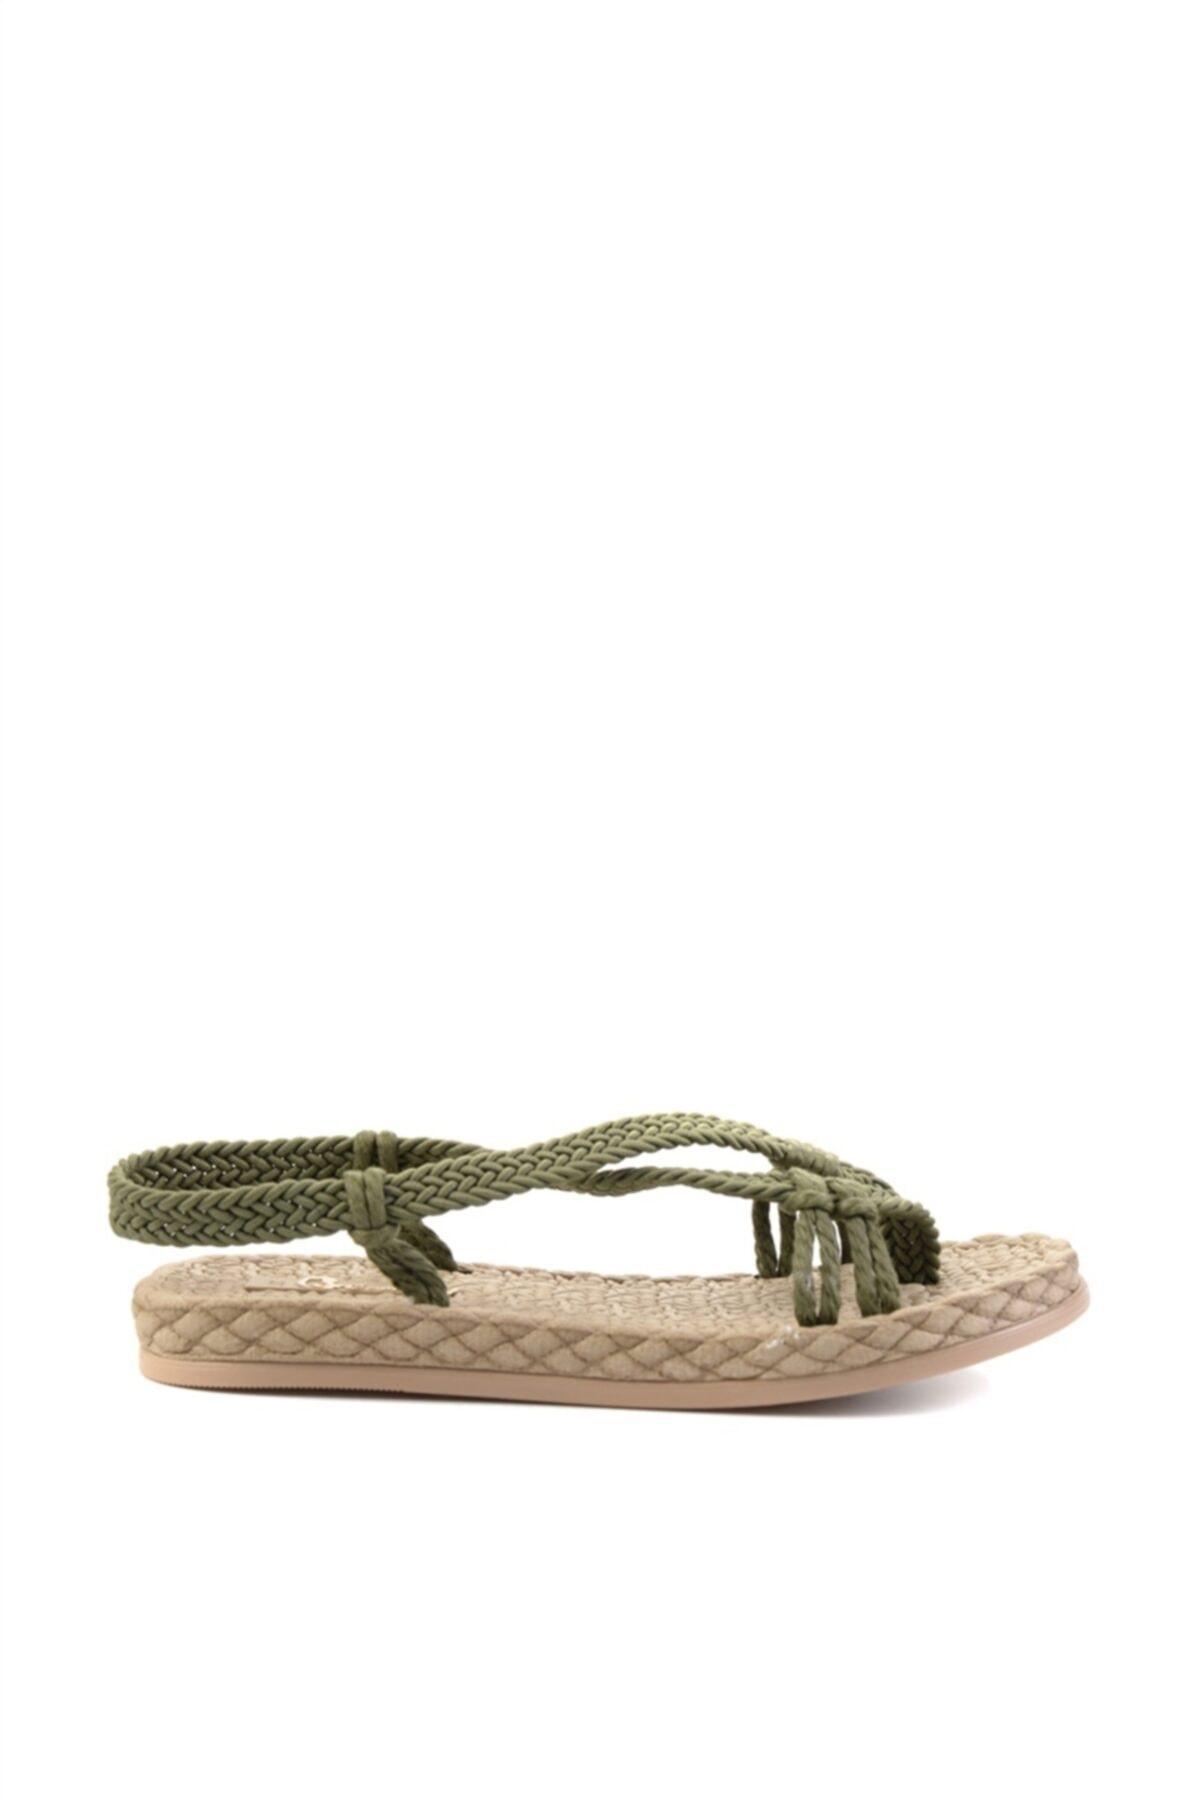 Bambi Haki Kadın Sandalet L0823150099 2